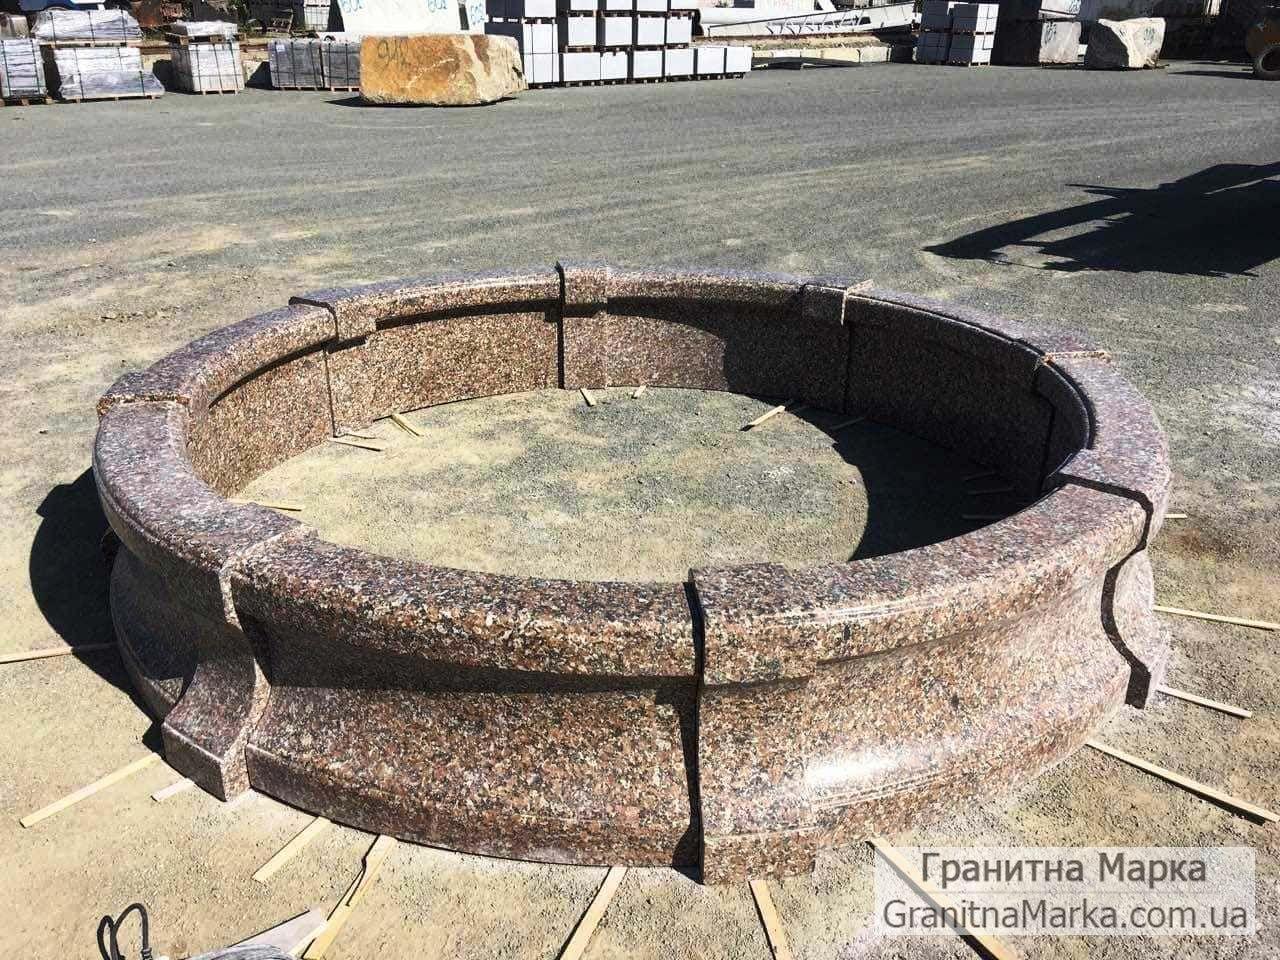 Фигурный составной бордюр для клумбы из гранита, фото №23